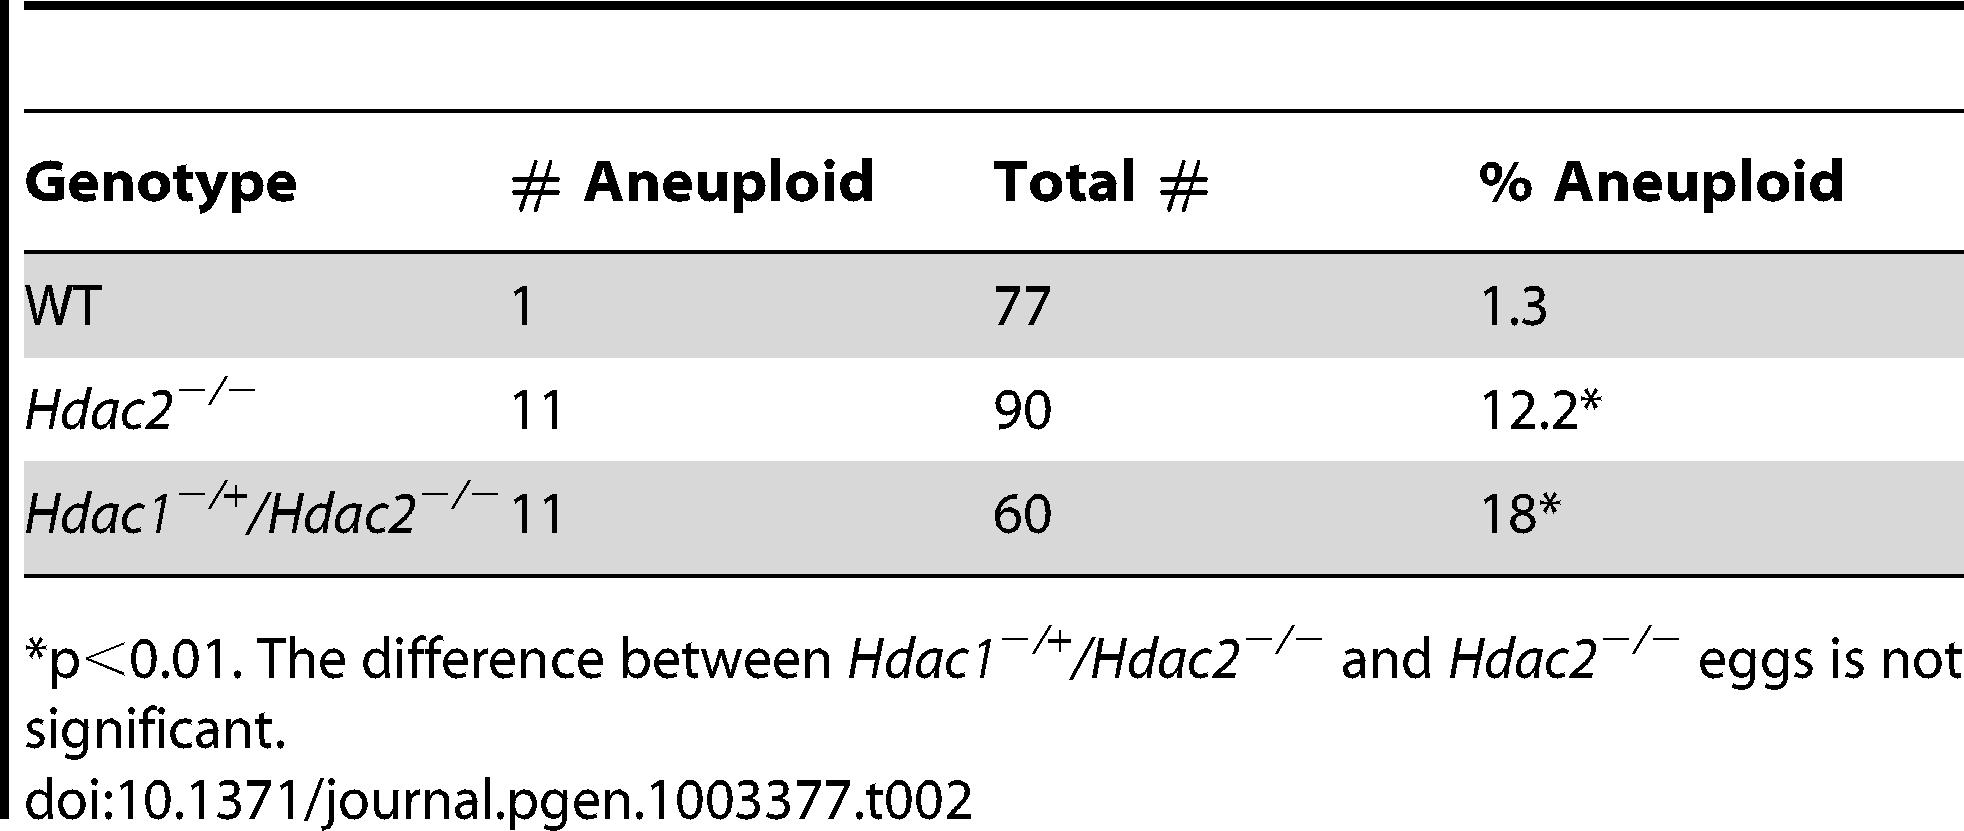 Incidence of aneuploidy in <i>Hdac1<sup>−/+</sup>/Hdac2<sup>−/−</sup></i> and <i>Hdac2<sup>−/−</sup></i> eggs.